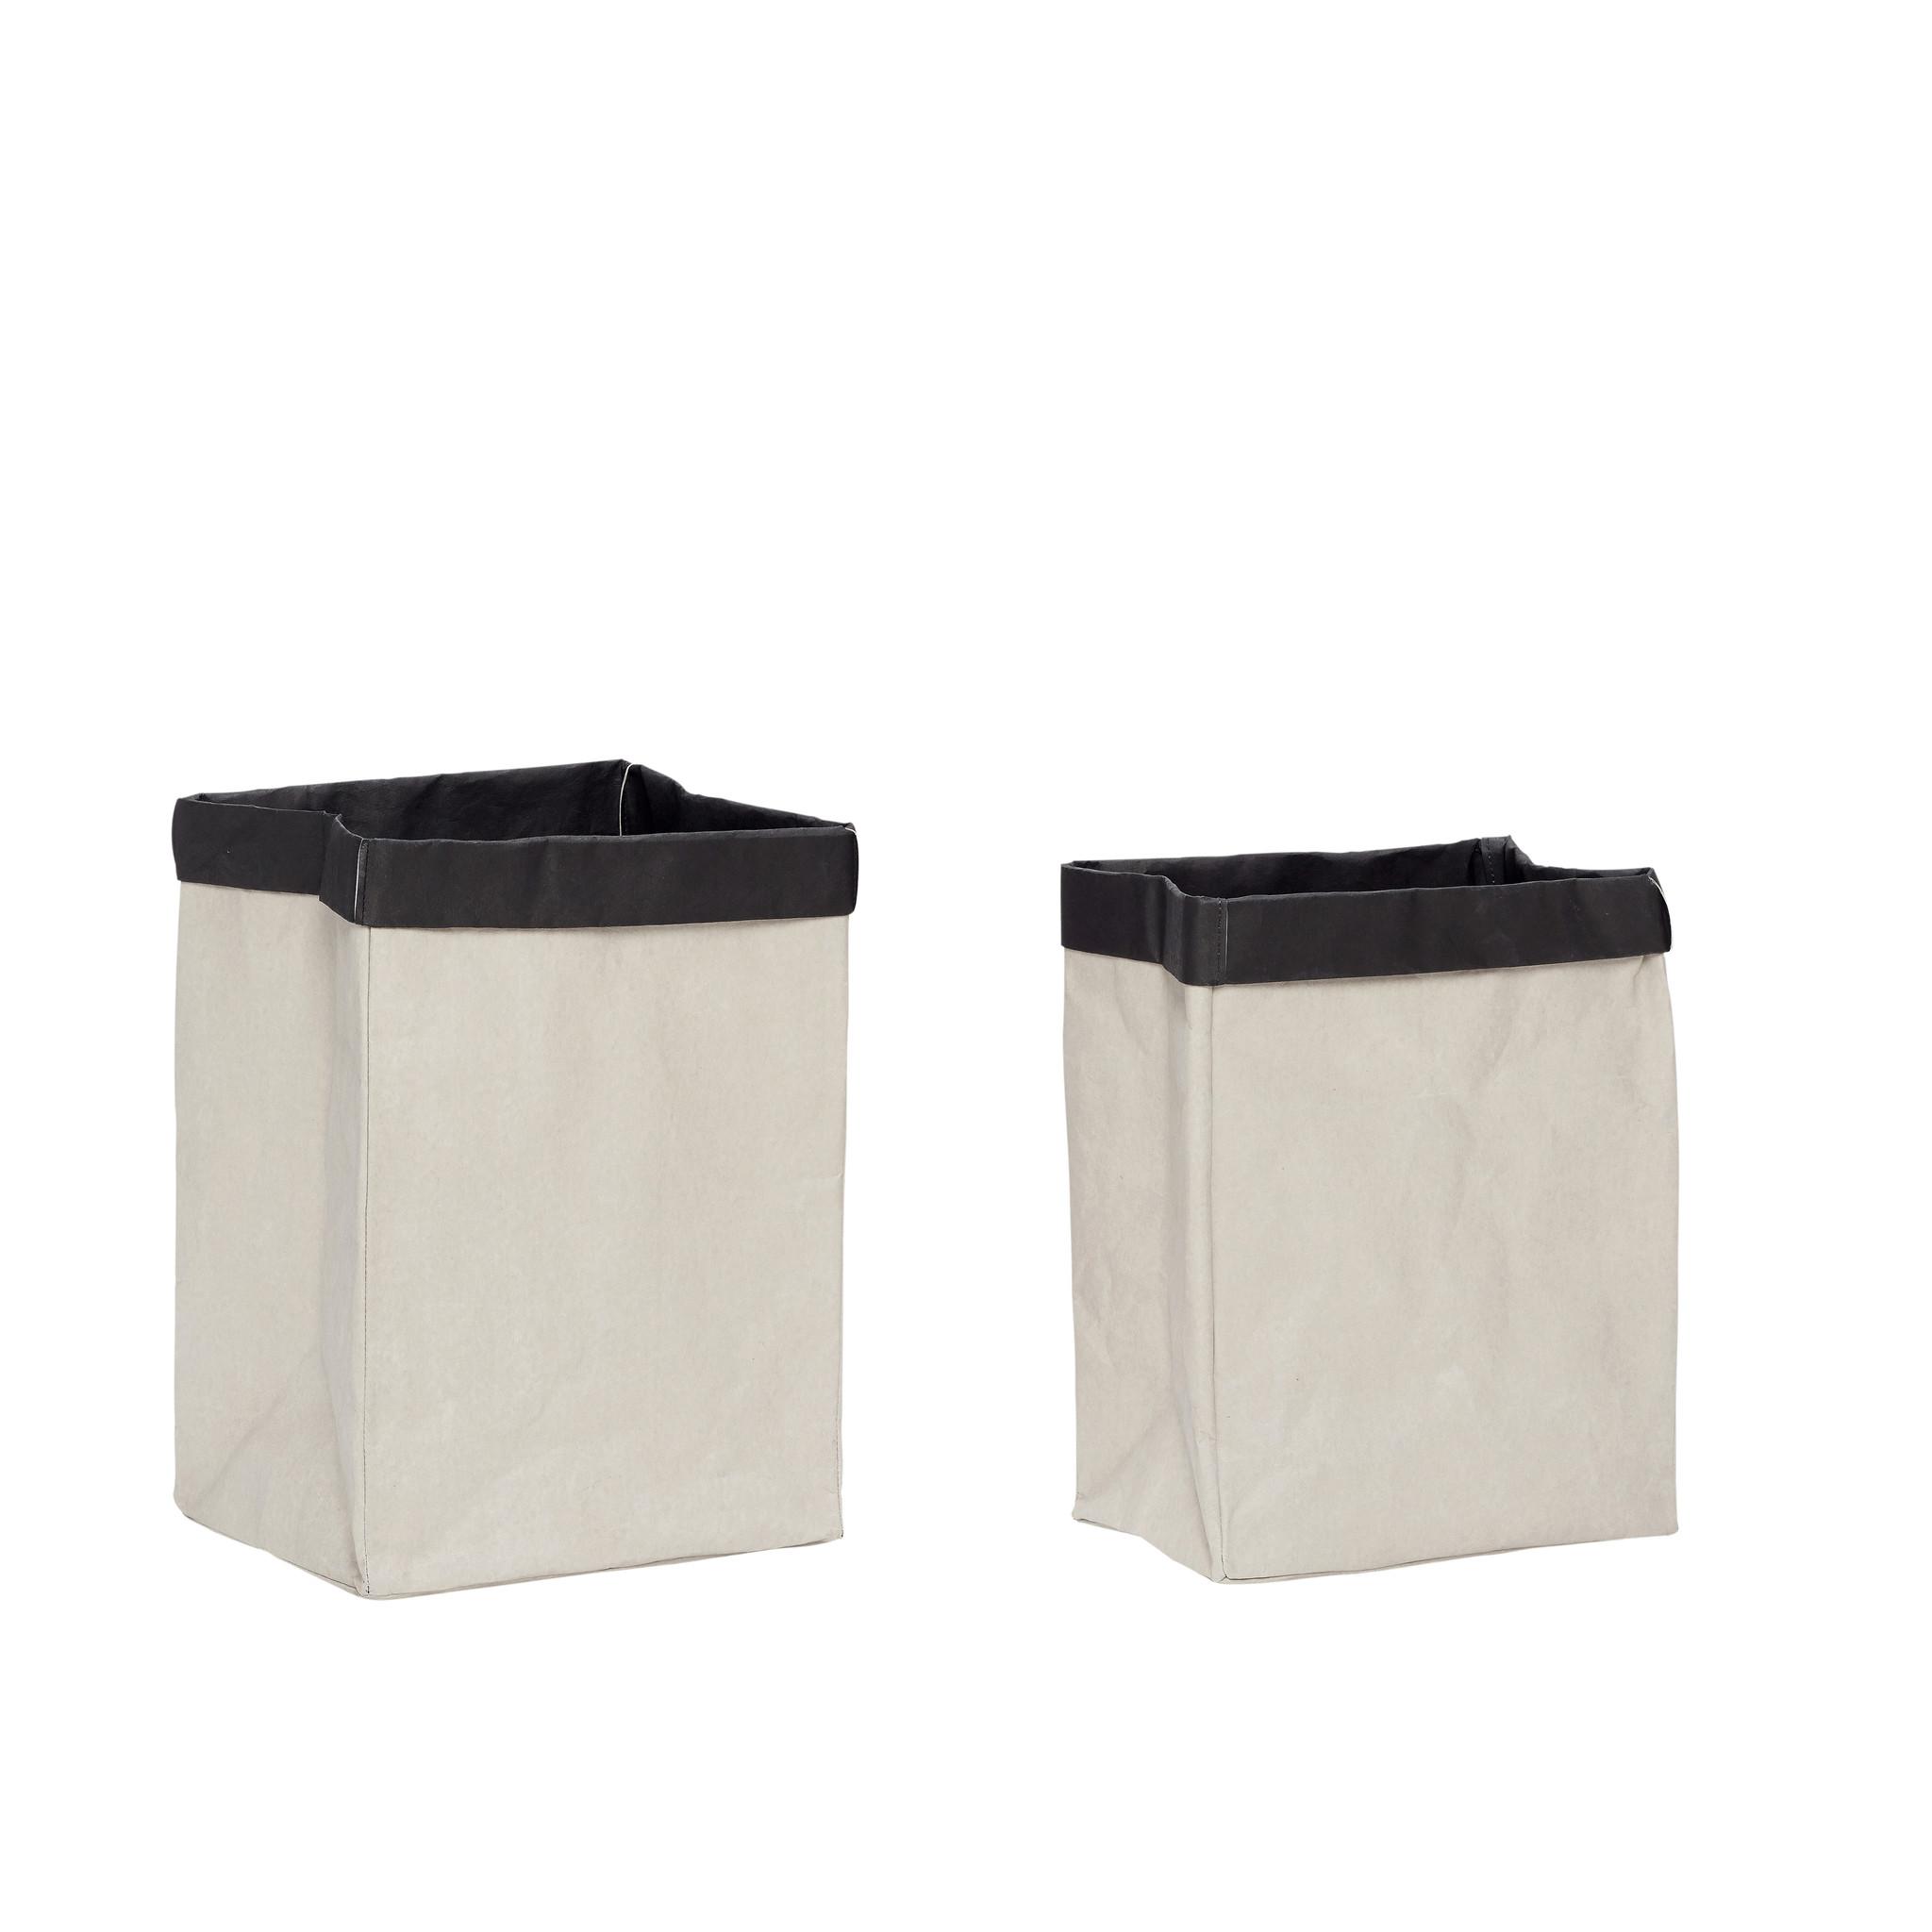 Hubsch Wasmand, vierkant, wasbaar papier, grijset van zwart, set van 2-180503-5712772067963